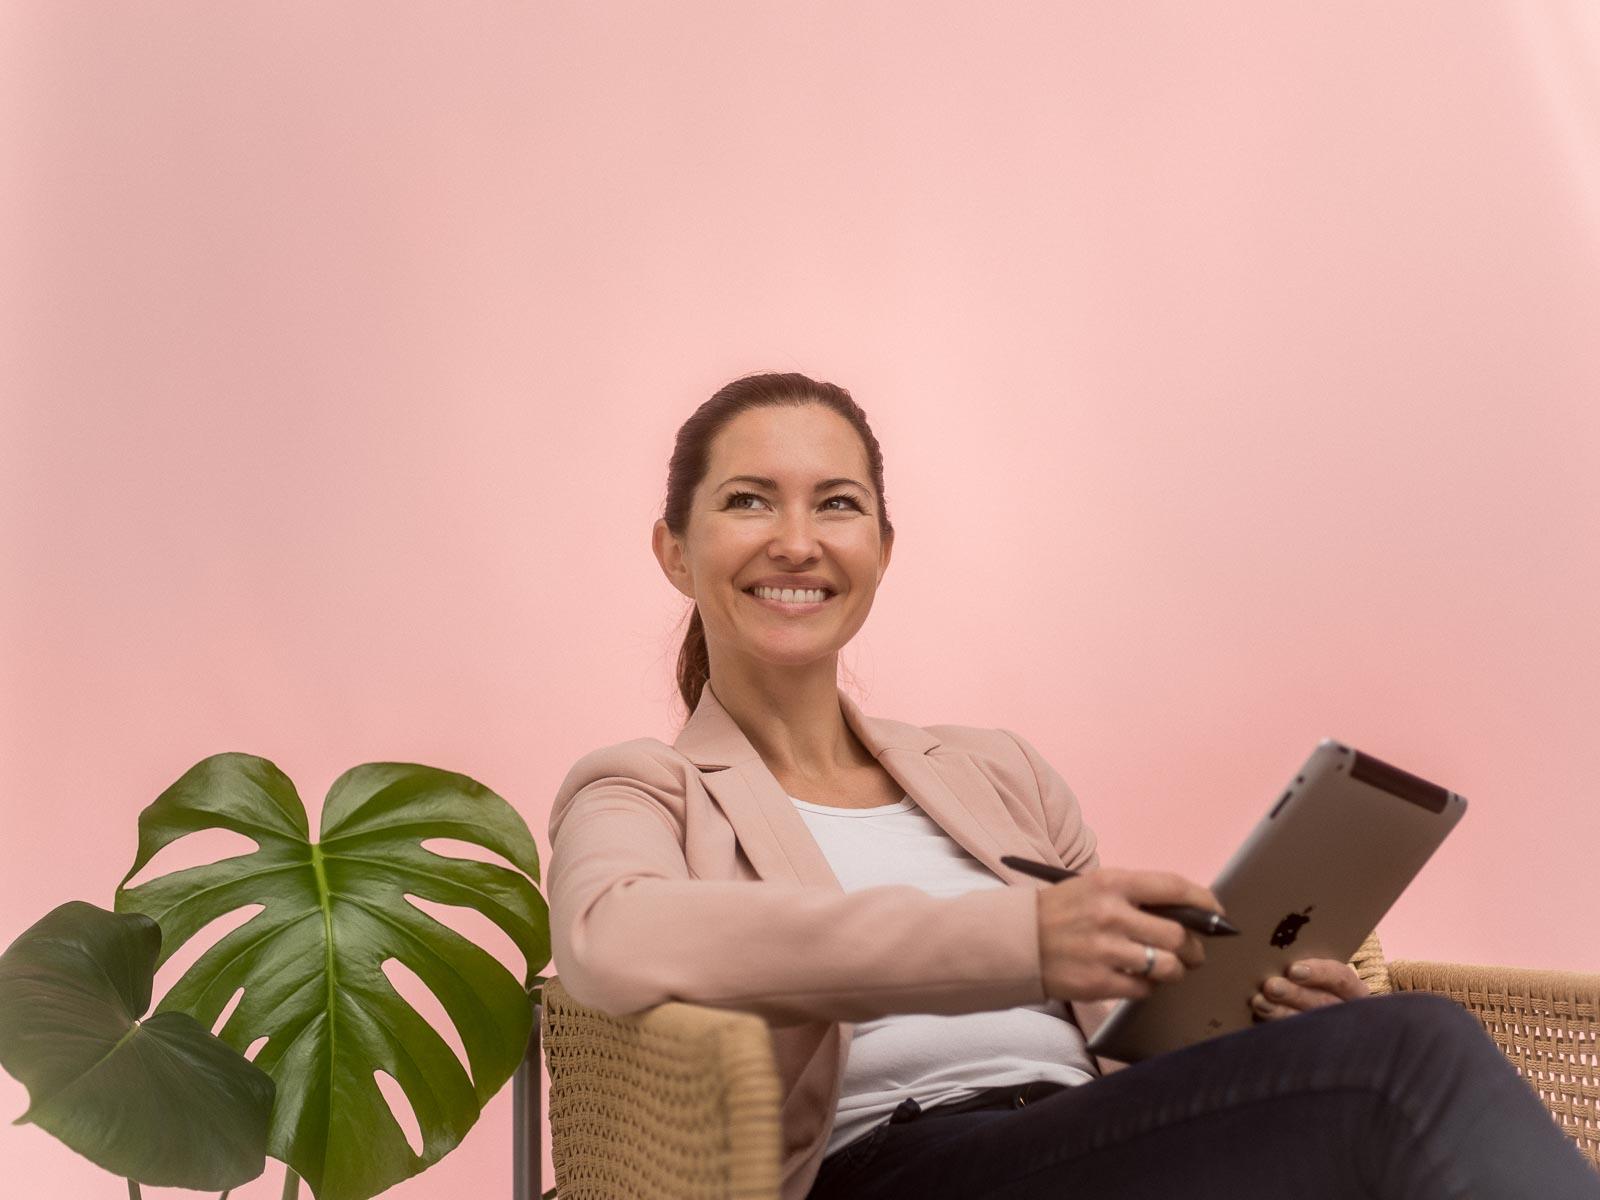 Portrett av kvinne som søker etter domene på ipad